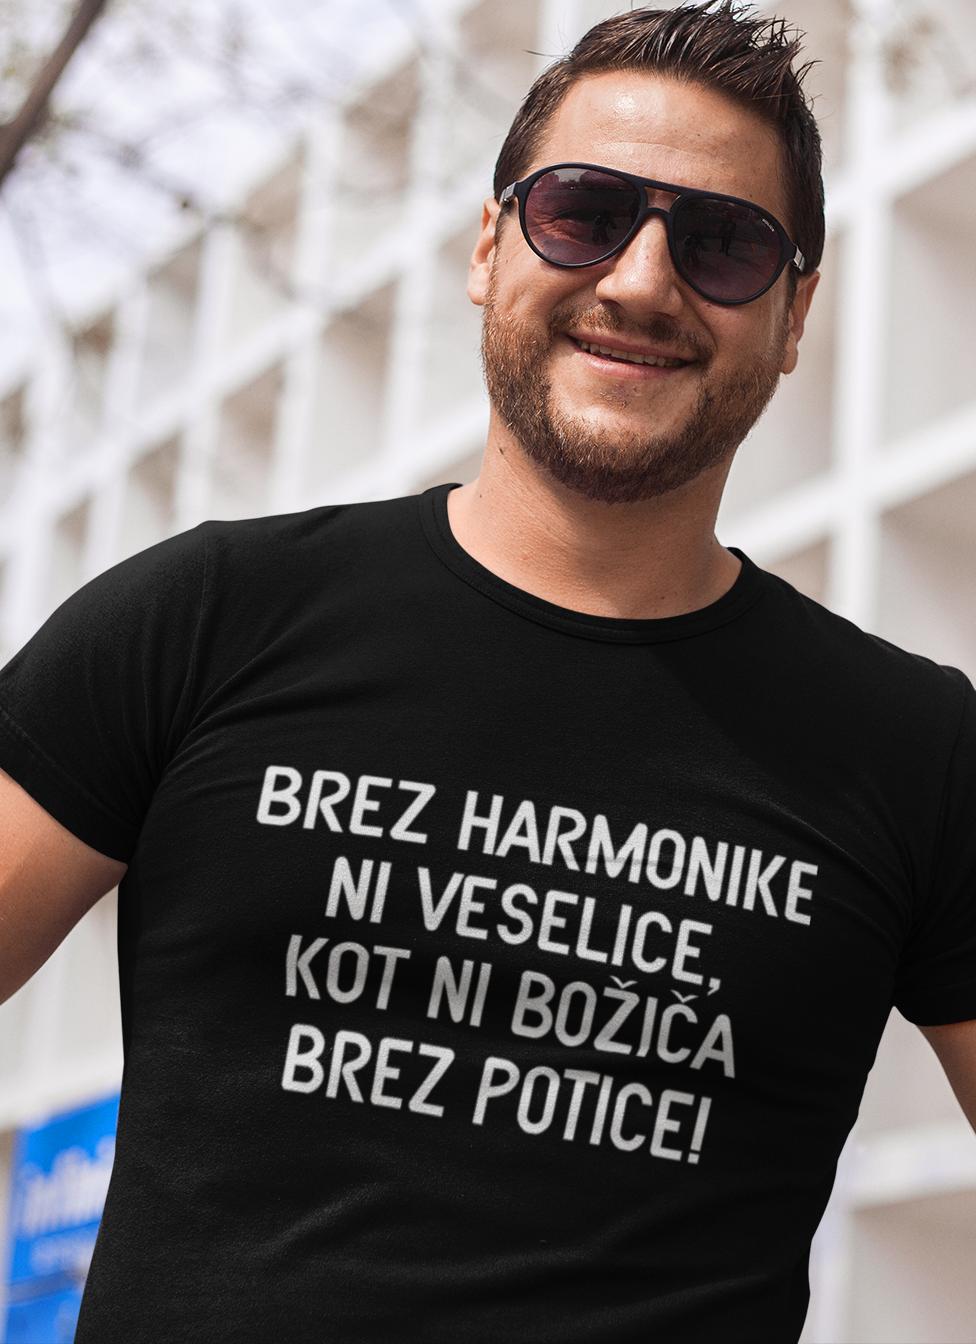 Smešna majica brez harmonike